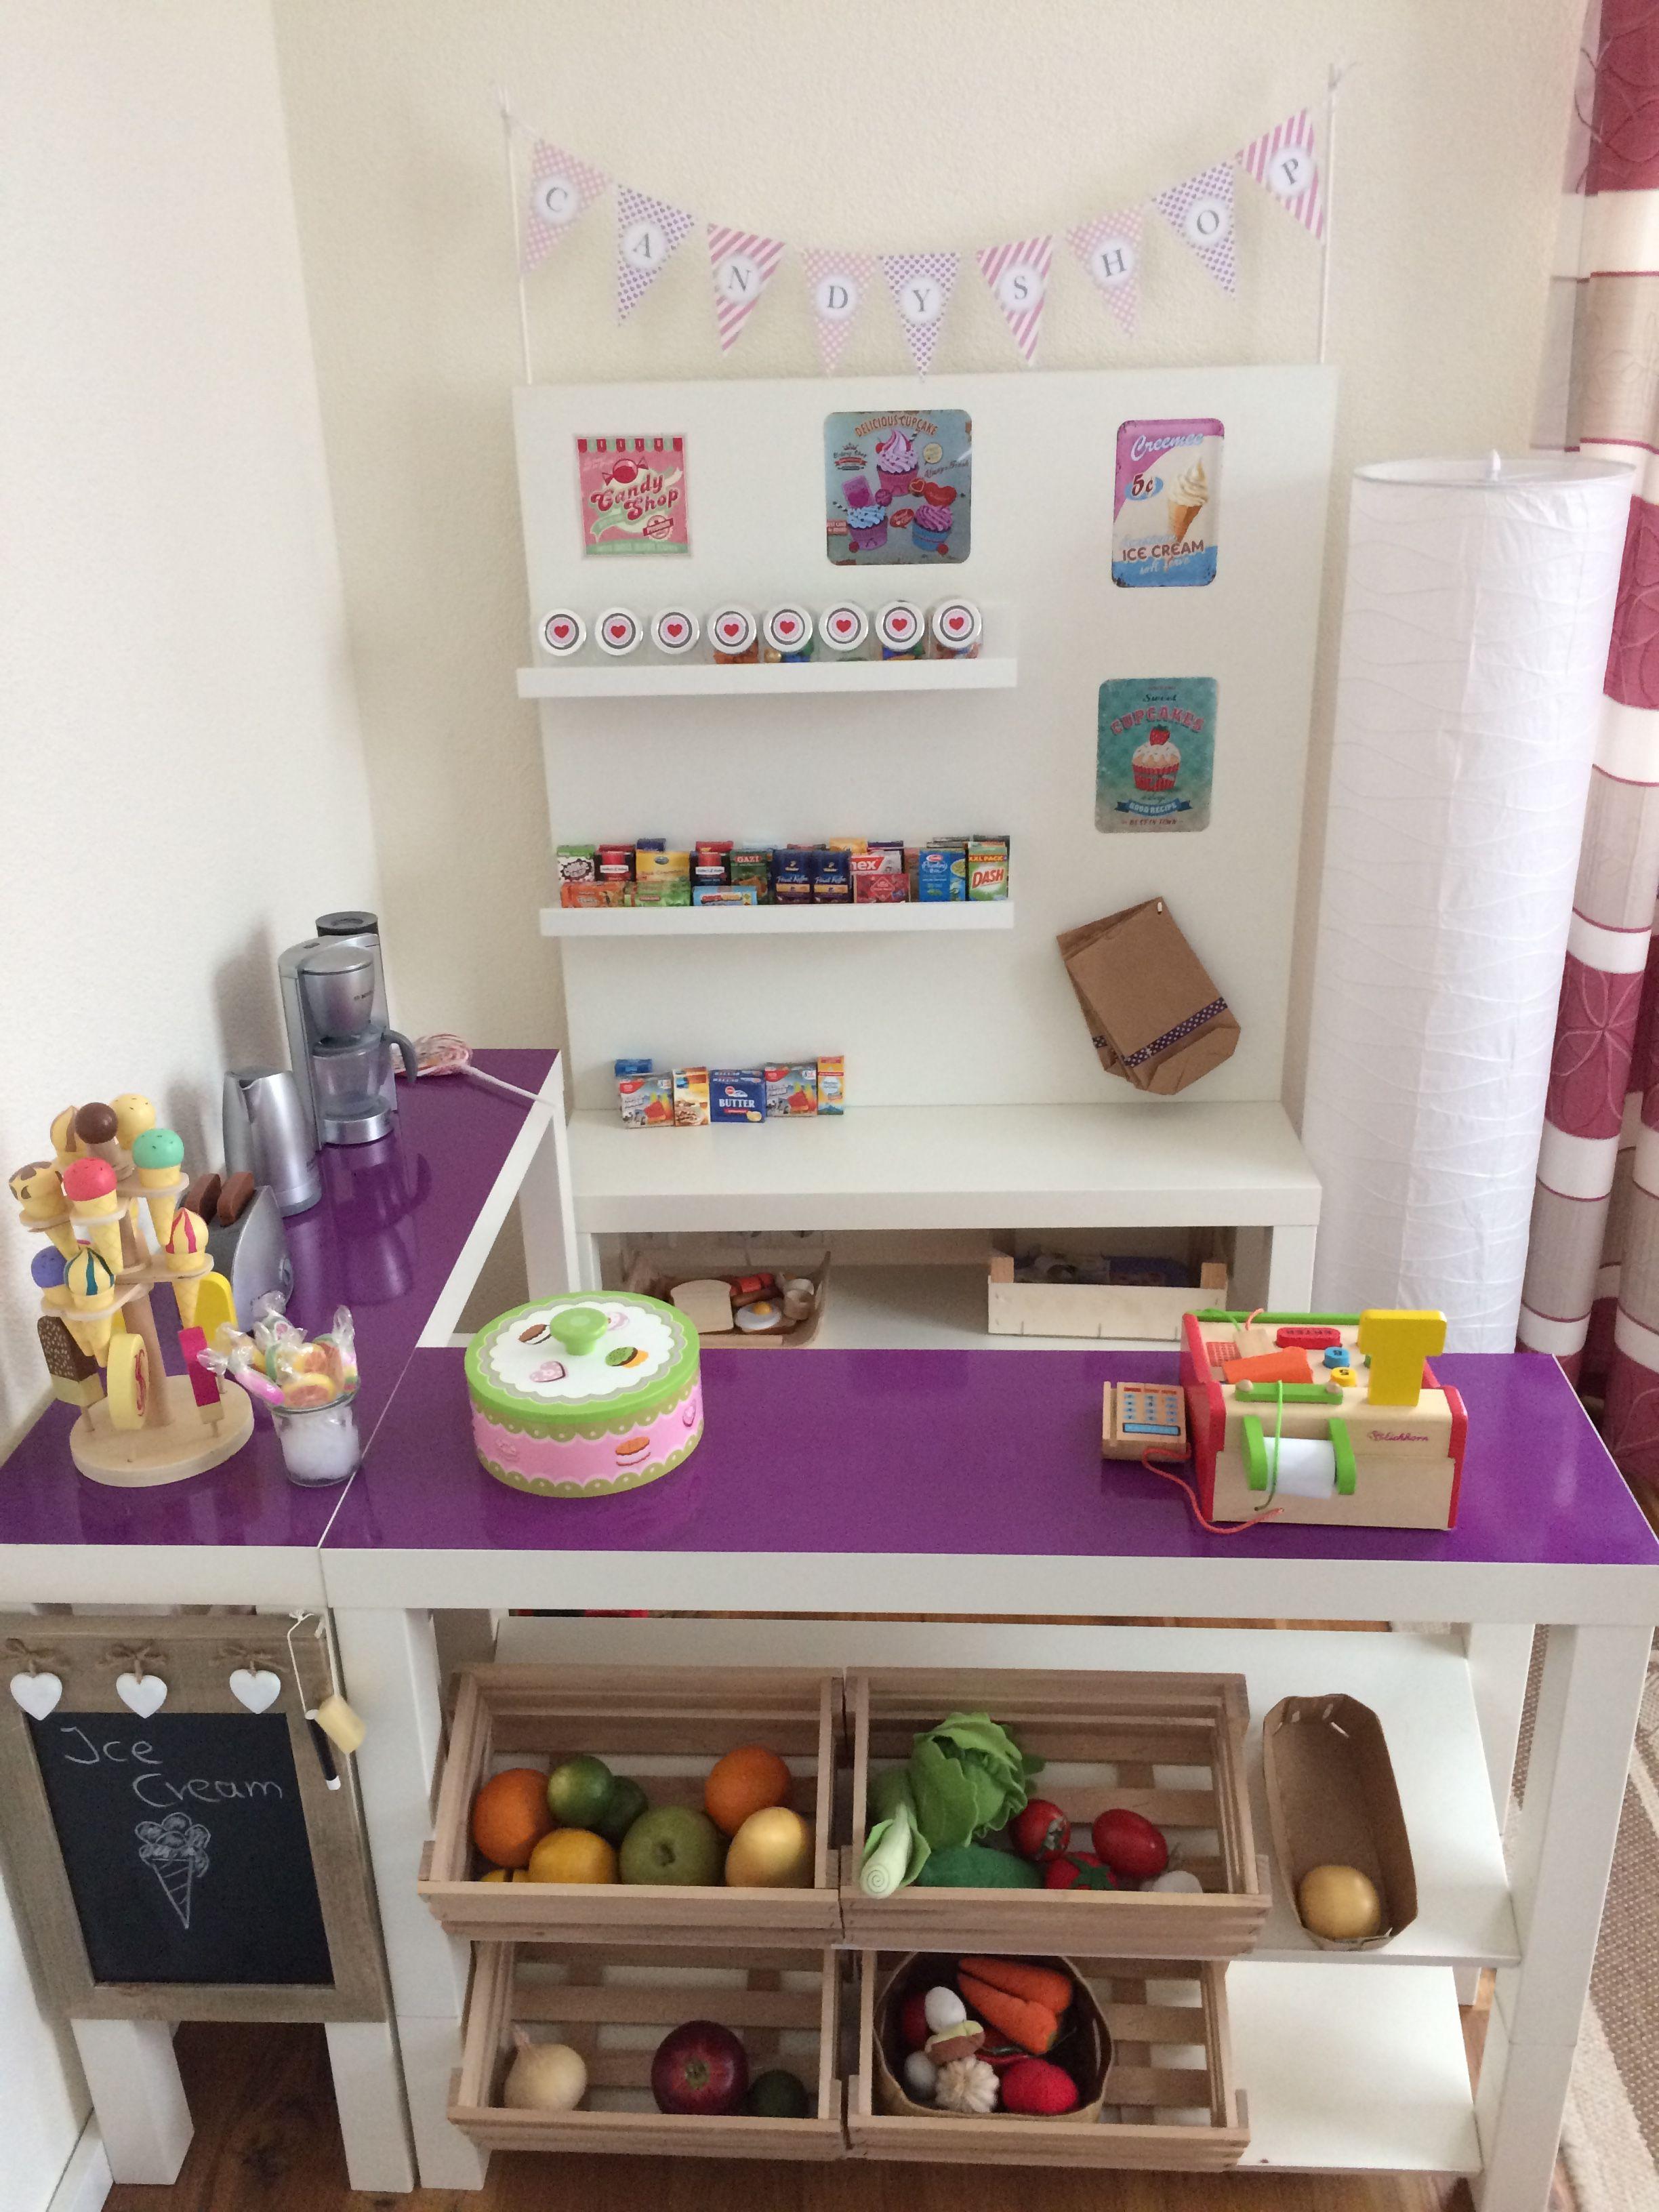 Kaufladen Küche Kombi | Diy Kaufladen Candy Shop Aus Ikea Lack Bank Dc Fix Folie Diy